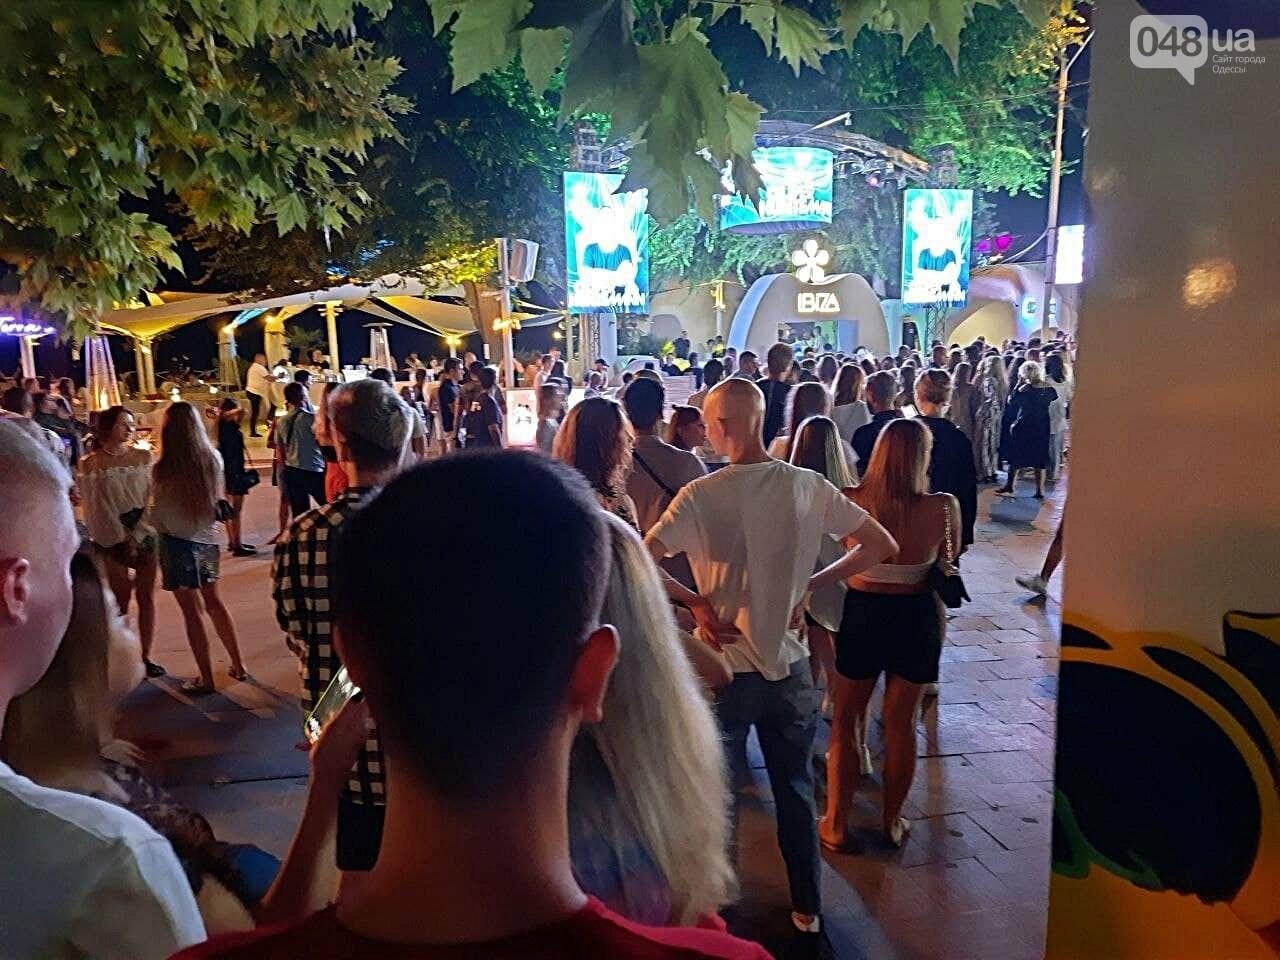 Дорофеева, плохой звук и любовь к фанатам: как прошёл концерт Скриптонита в Одессе, - ФОТО, ВИДЕО  , фото-2